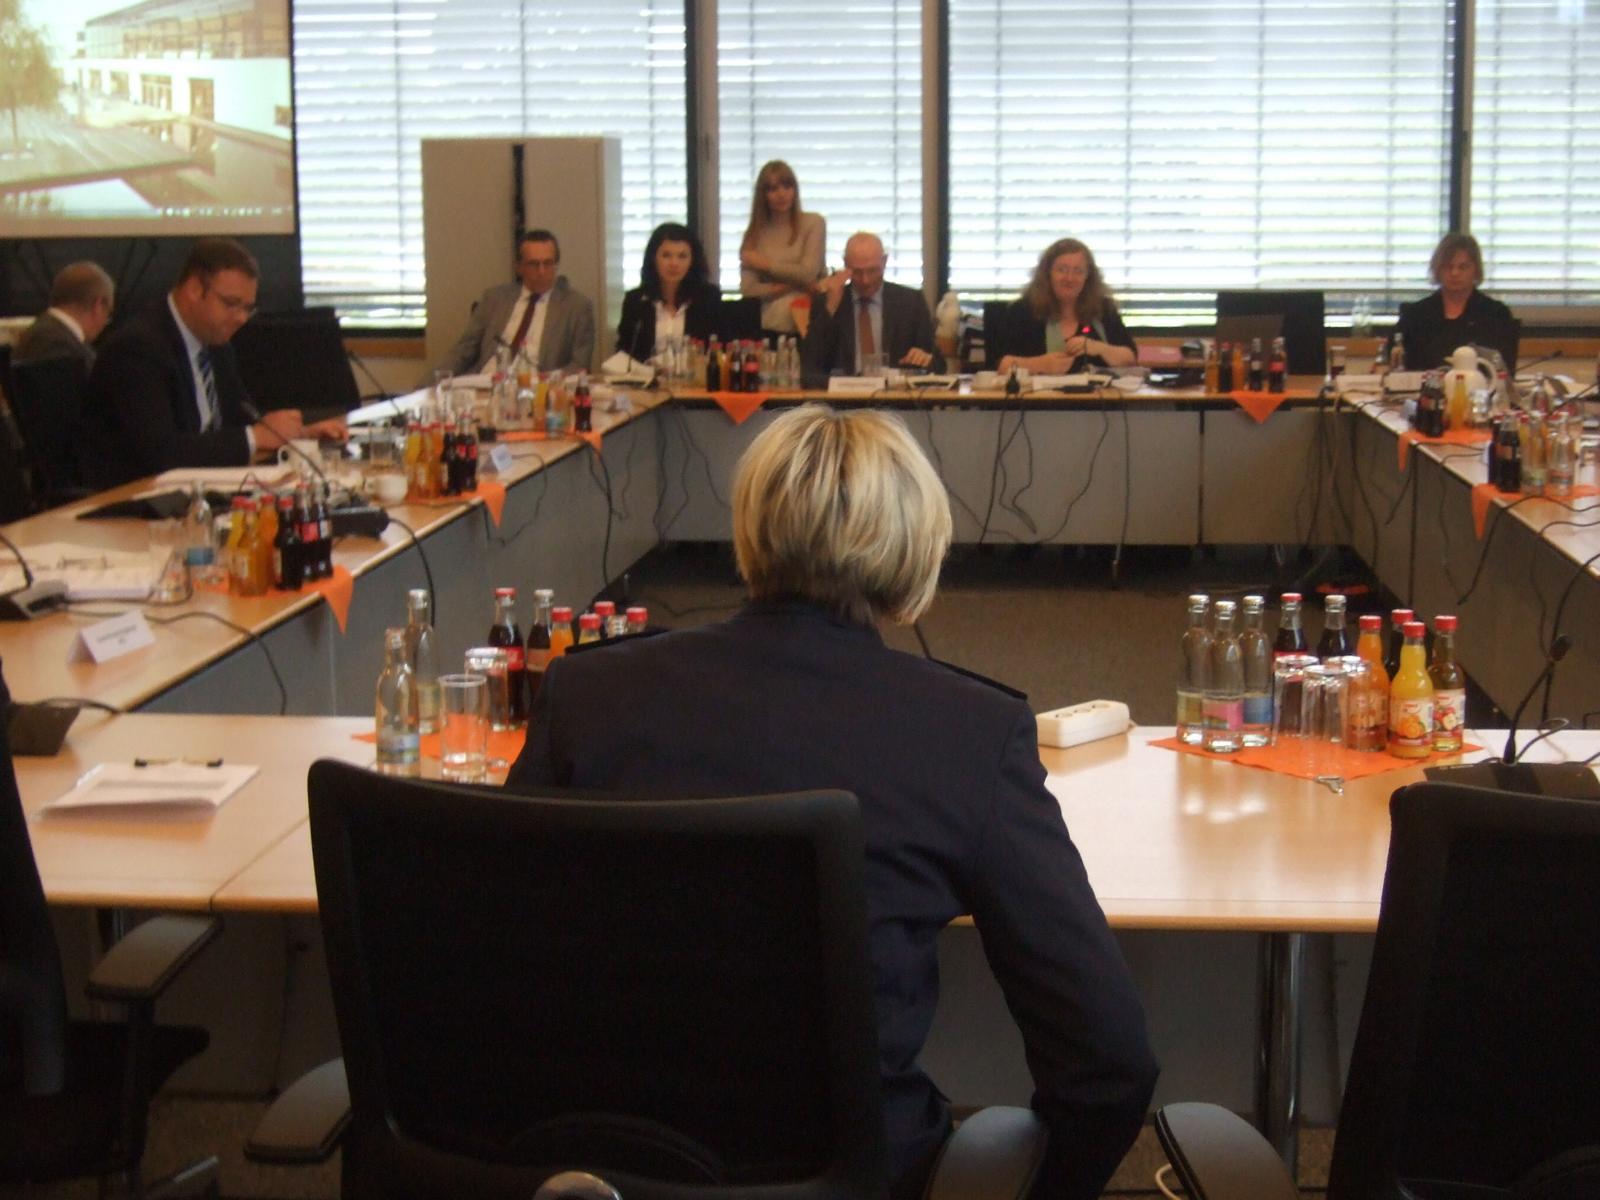 UA 6/1 Protokoll 02.06.2016 – 2. Thüringer NSU-Untersuchungsausschuss (4.11. + 5.11.2011, Lagebesprechung PD Gotha, Baden-Württemberger Polizisten)